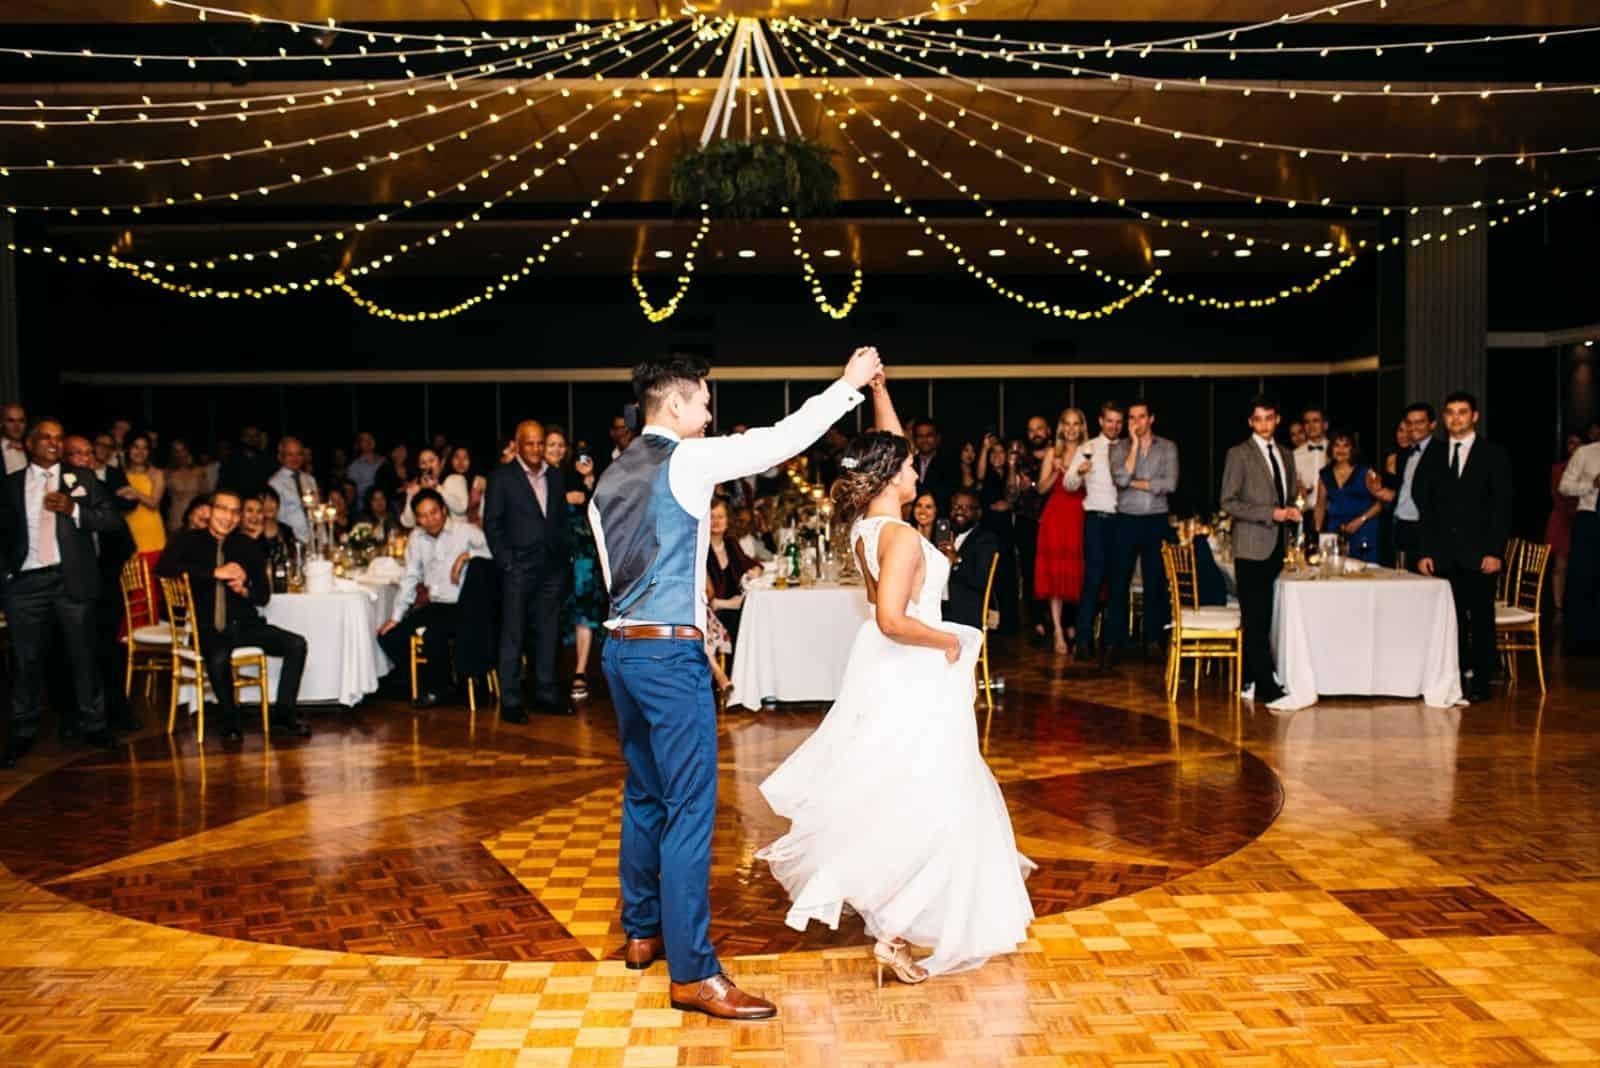 Die Jungvermählten in der schönen Halle tanzen den ersten Tanz